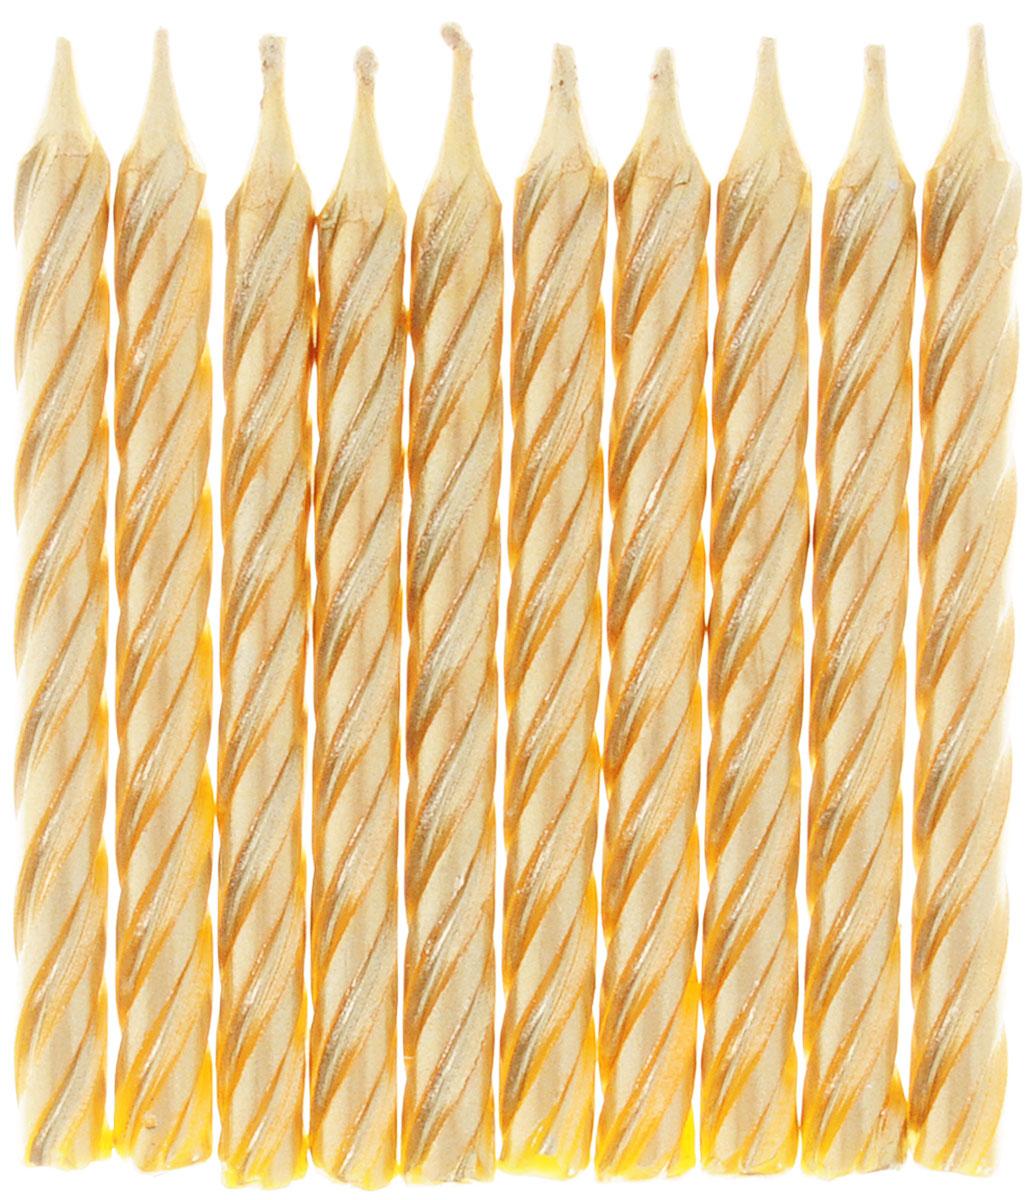 Action! Свечи для торта Золотые 10 штAPI0302Торт - главный атрибут праздника на любом торжестве, особенно, если это детский День рождения. Чтобы торт был необычным, достаточно украсить его оригинальными свечами от Action!. Вставив такие свечи в праздничный торт вы доставите яркие эмоции и радость имениннику. Свечи для торта золотистого цвета выполнены из парафина. Они станут отличным украшением любого стола. В наборе 10 свечей.